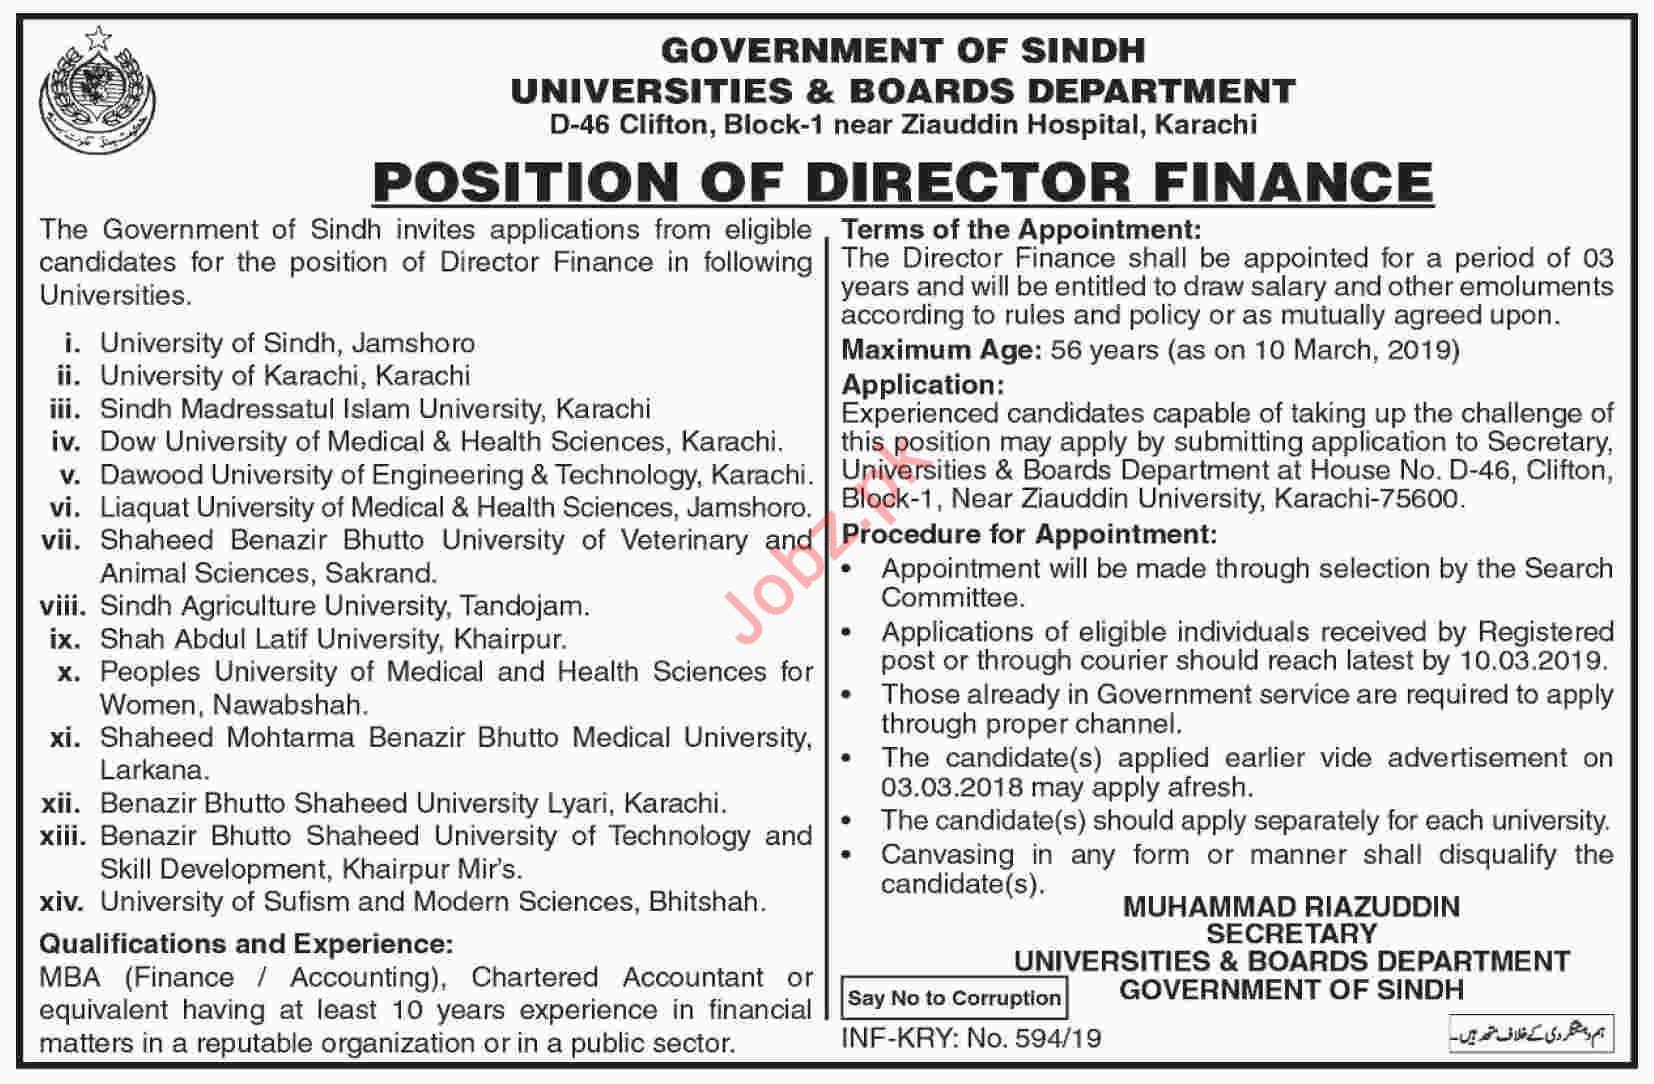 Universities and Boards Department Director Finance Jobs